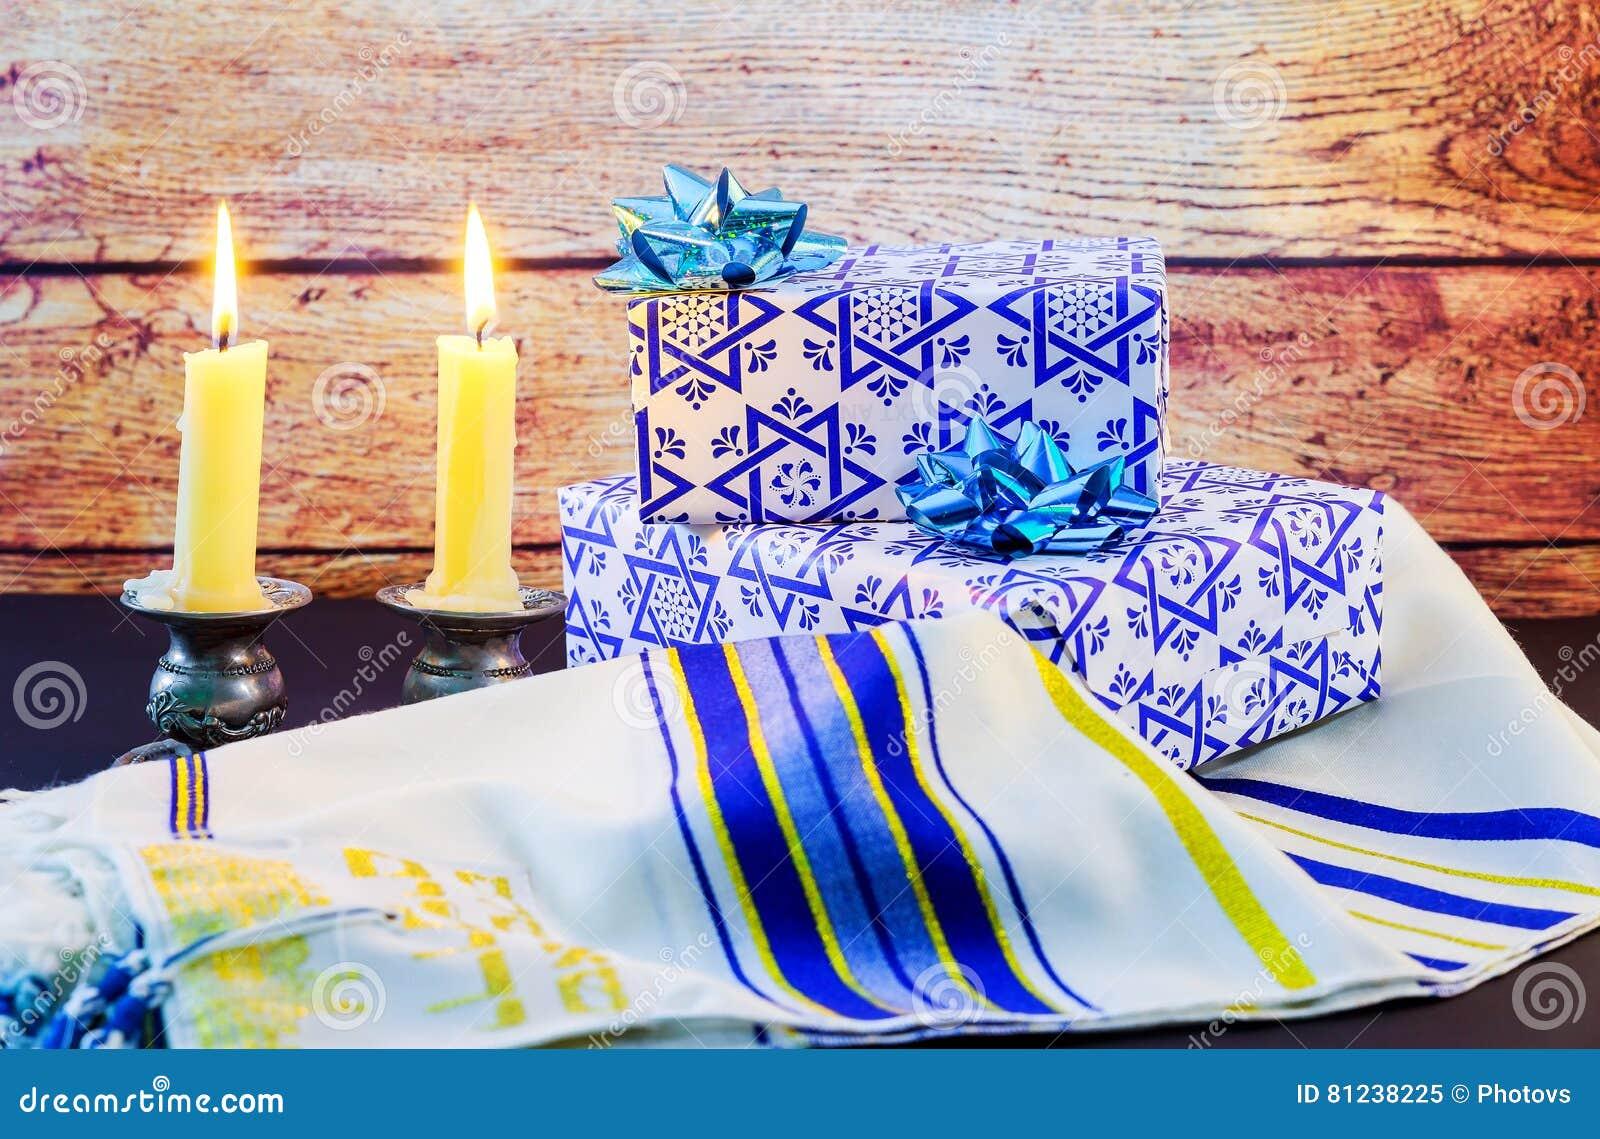 Εβραϊκό σάλι Tallit προσευχής Σαββάτου διακοπών και εβραϊκό θρησκευτικό σύμβολο κέρατων Shofar